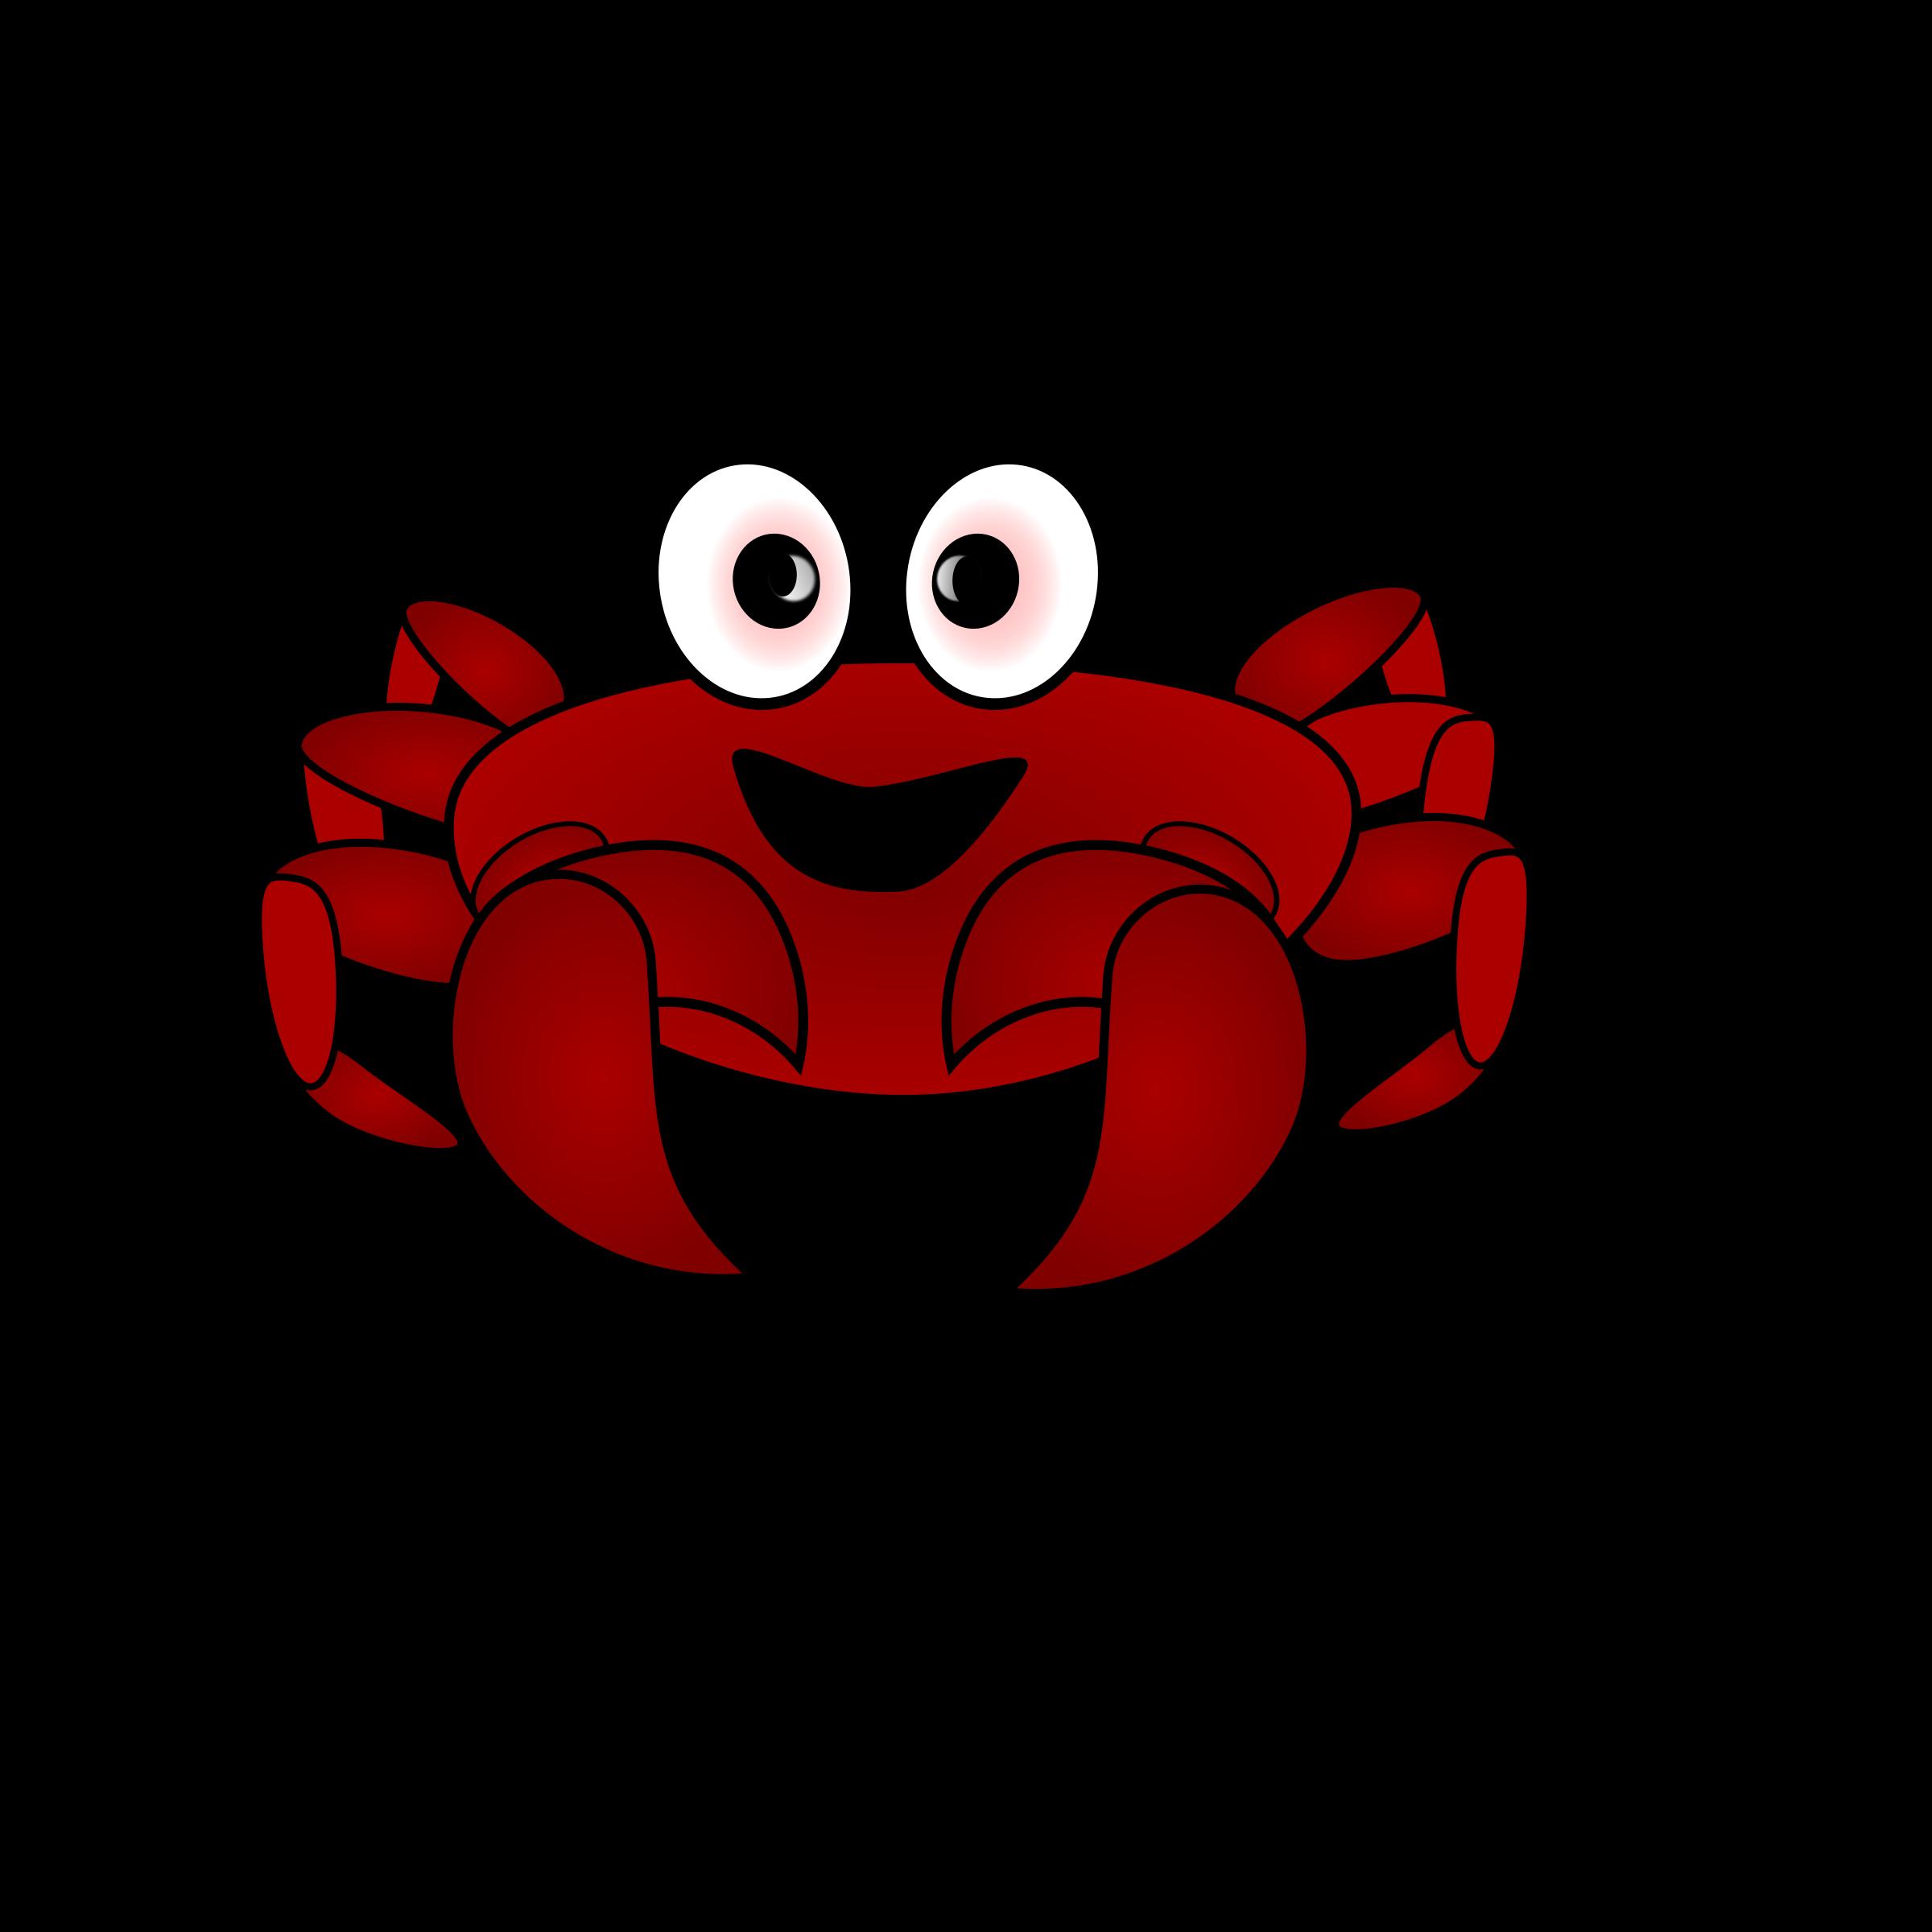 Coloring clipart crab. Cartoon big image png